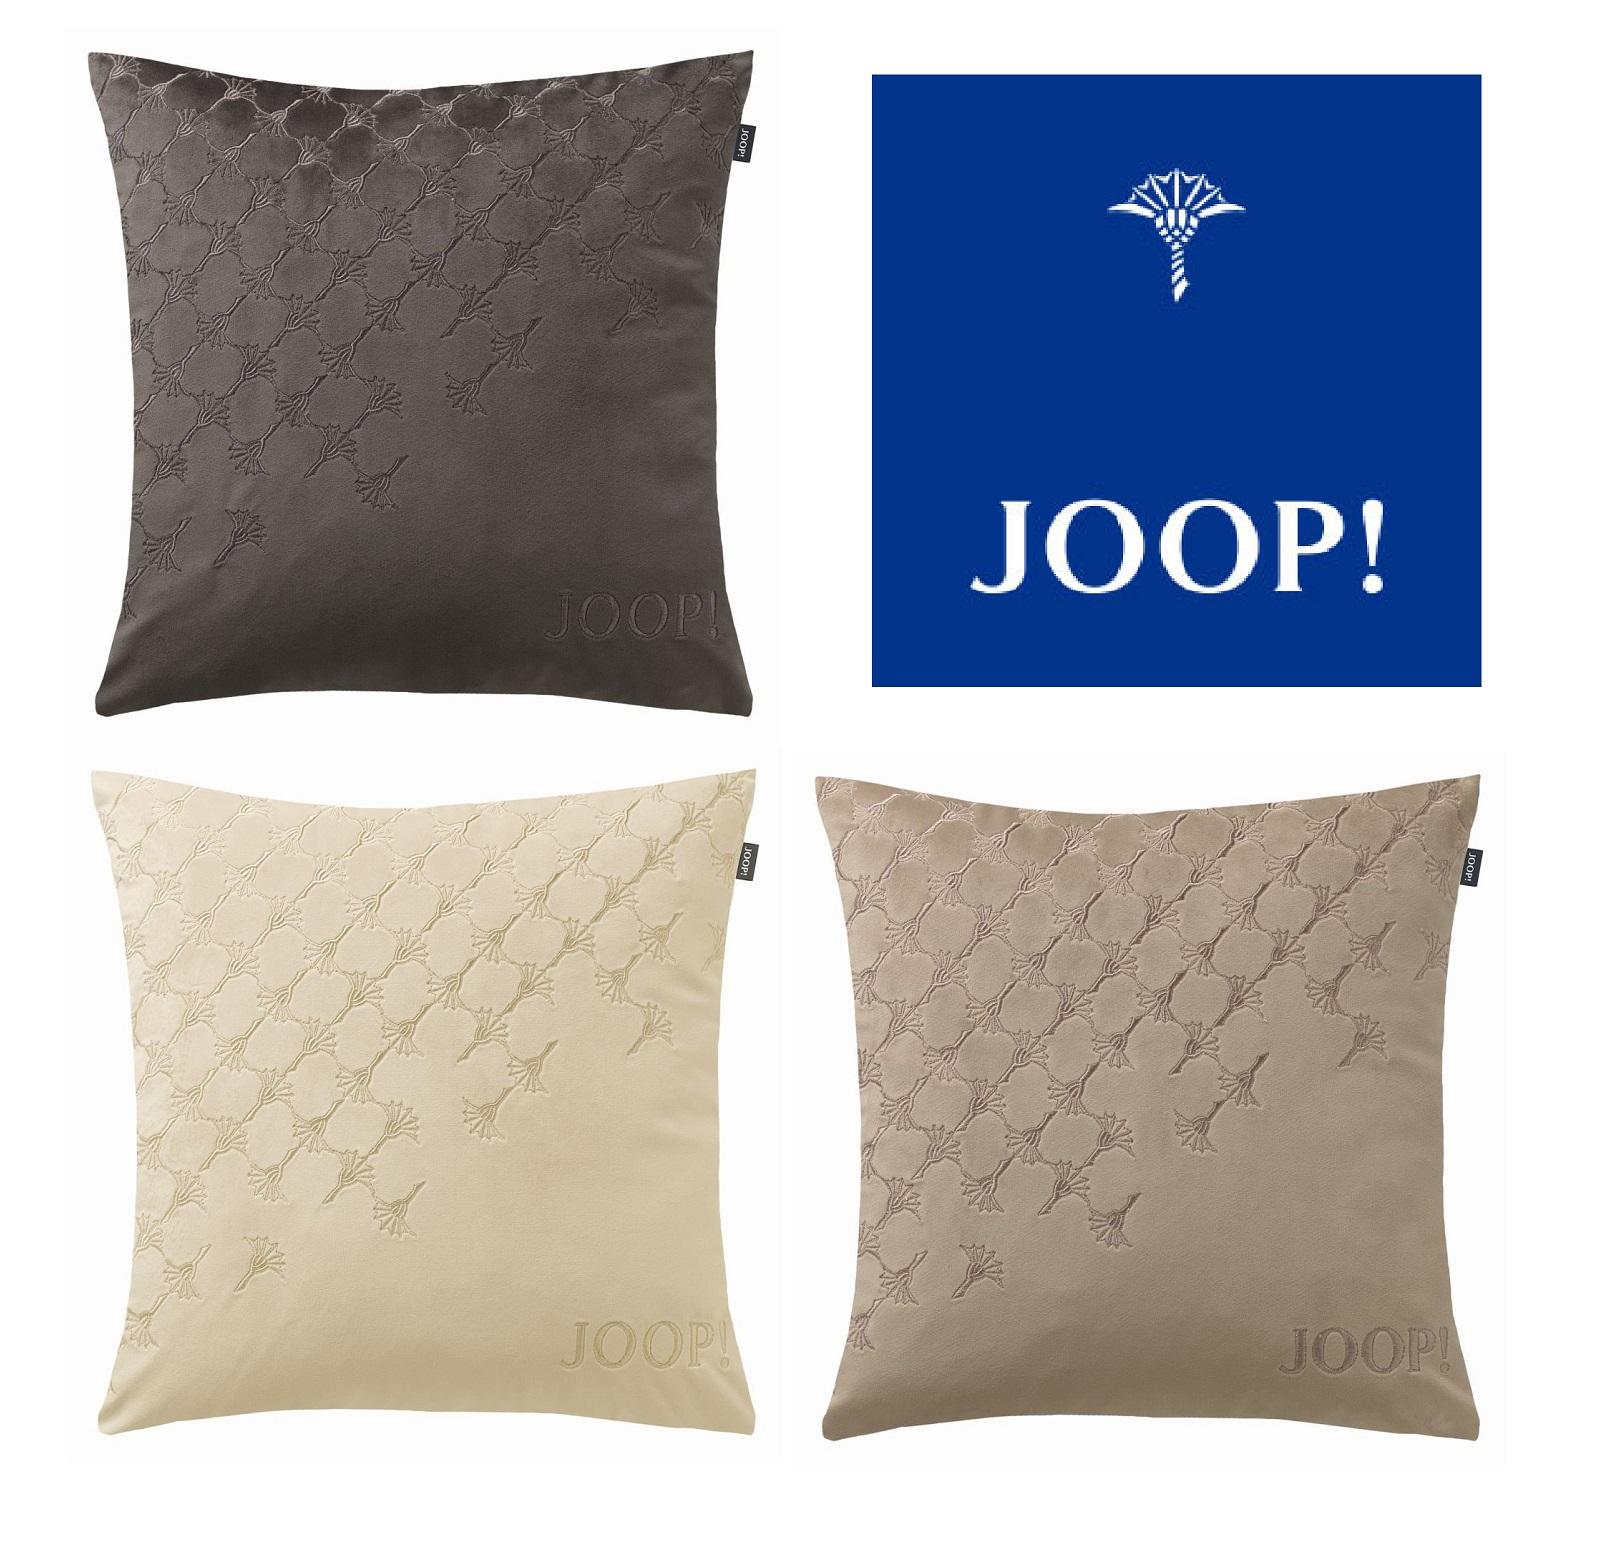 JOOP! Kissenhülle SIGN samtig weich dekorative Stickerei